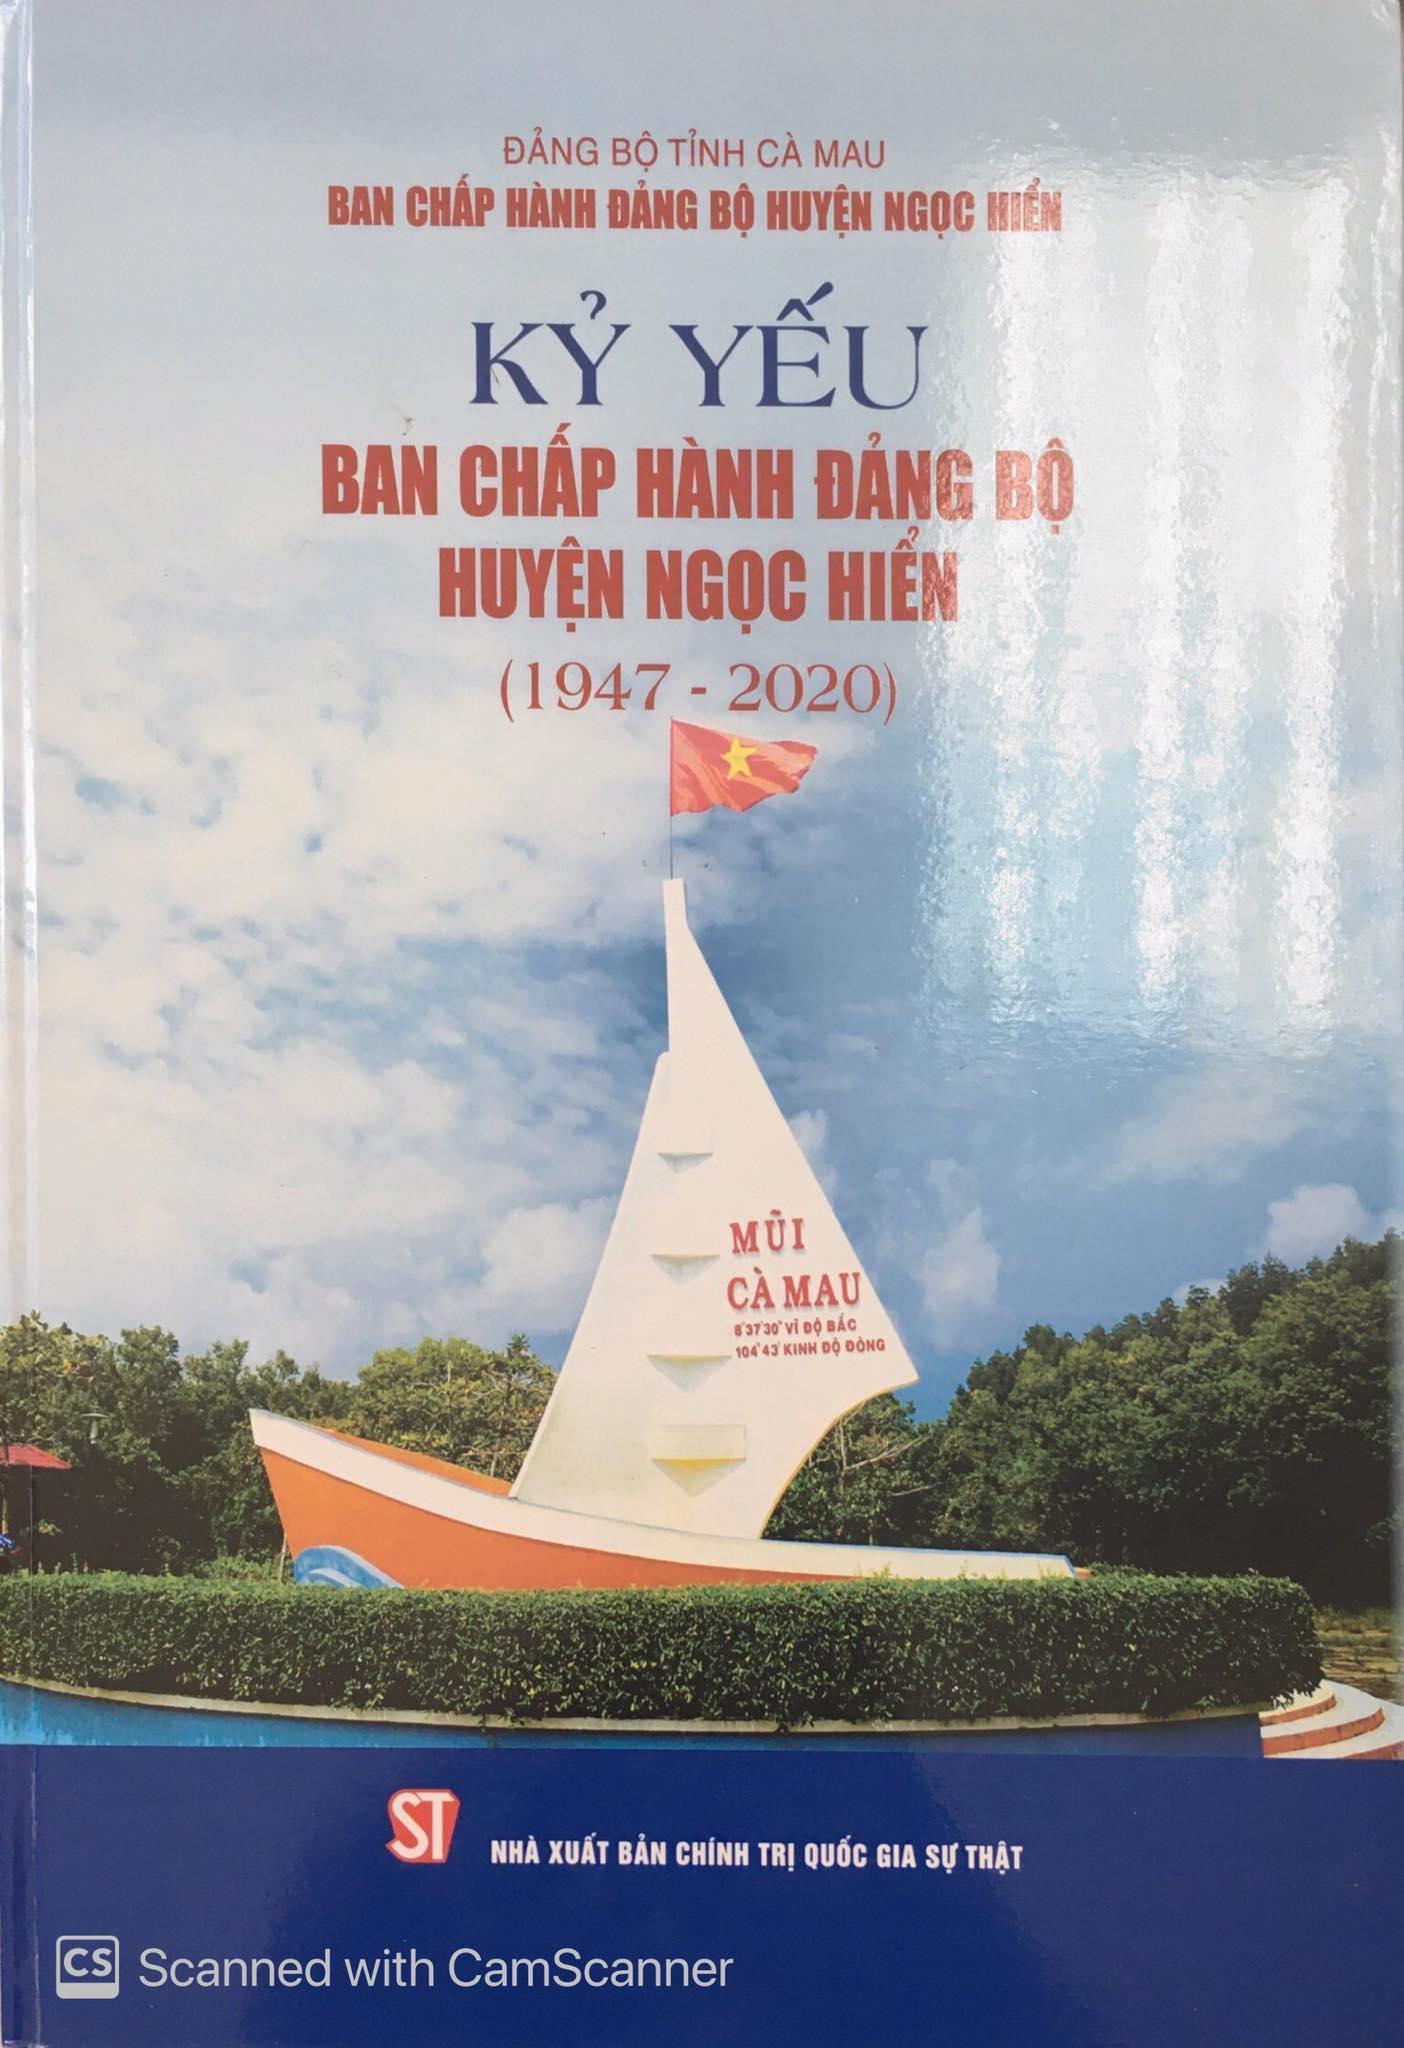 Kỷ yếu Ban Chấp hành Đảng bộ huyện Ngọc Hiển (1947 - 2020)